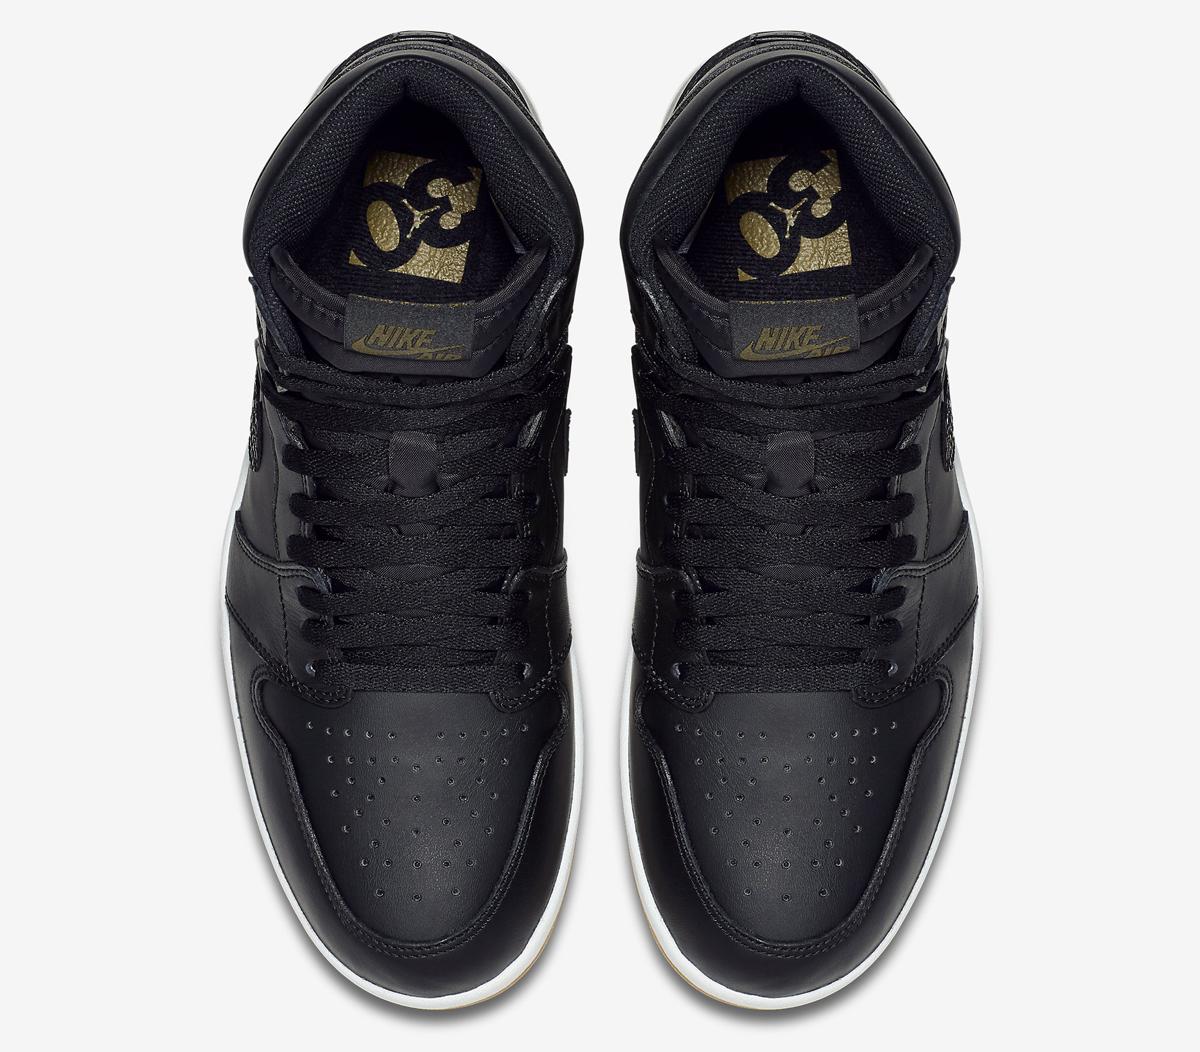 Official-Images-Air-Jordan-1.5-The-Return-2.jpg